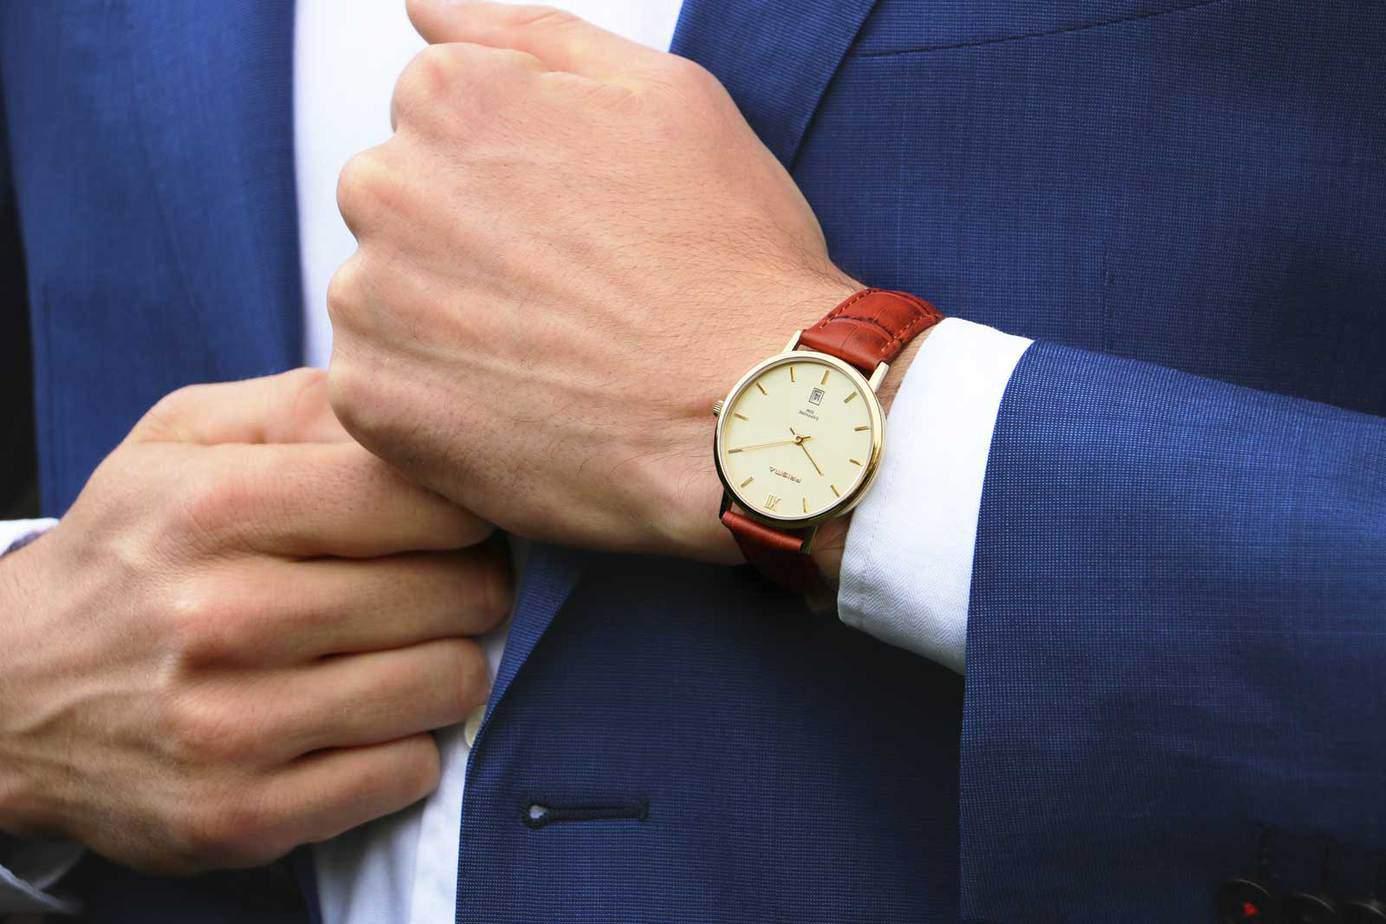 welk horloge bij een pak inspiratie herenhorloge herenhorloges horloge voor mannen